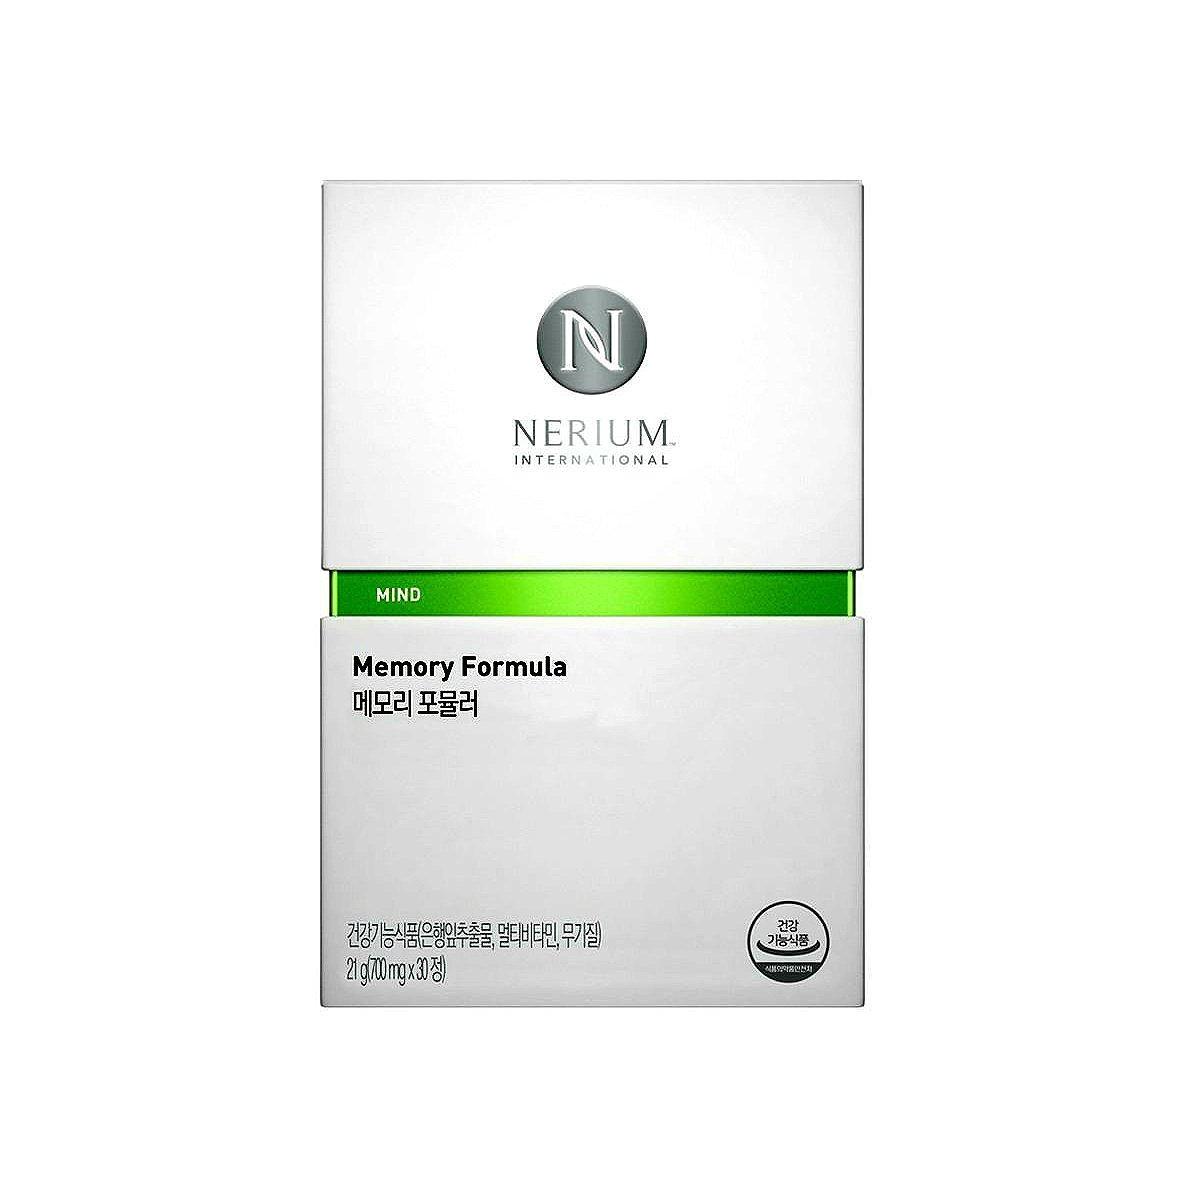 【国内配送】 Nerium Memory Formula ネリウム メモリー フォーミュラ 700mg 30錠 (韓国製) B077M744Z5